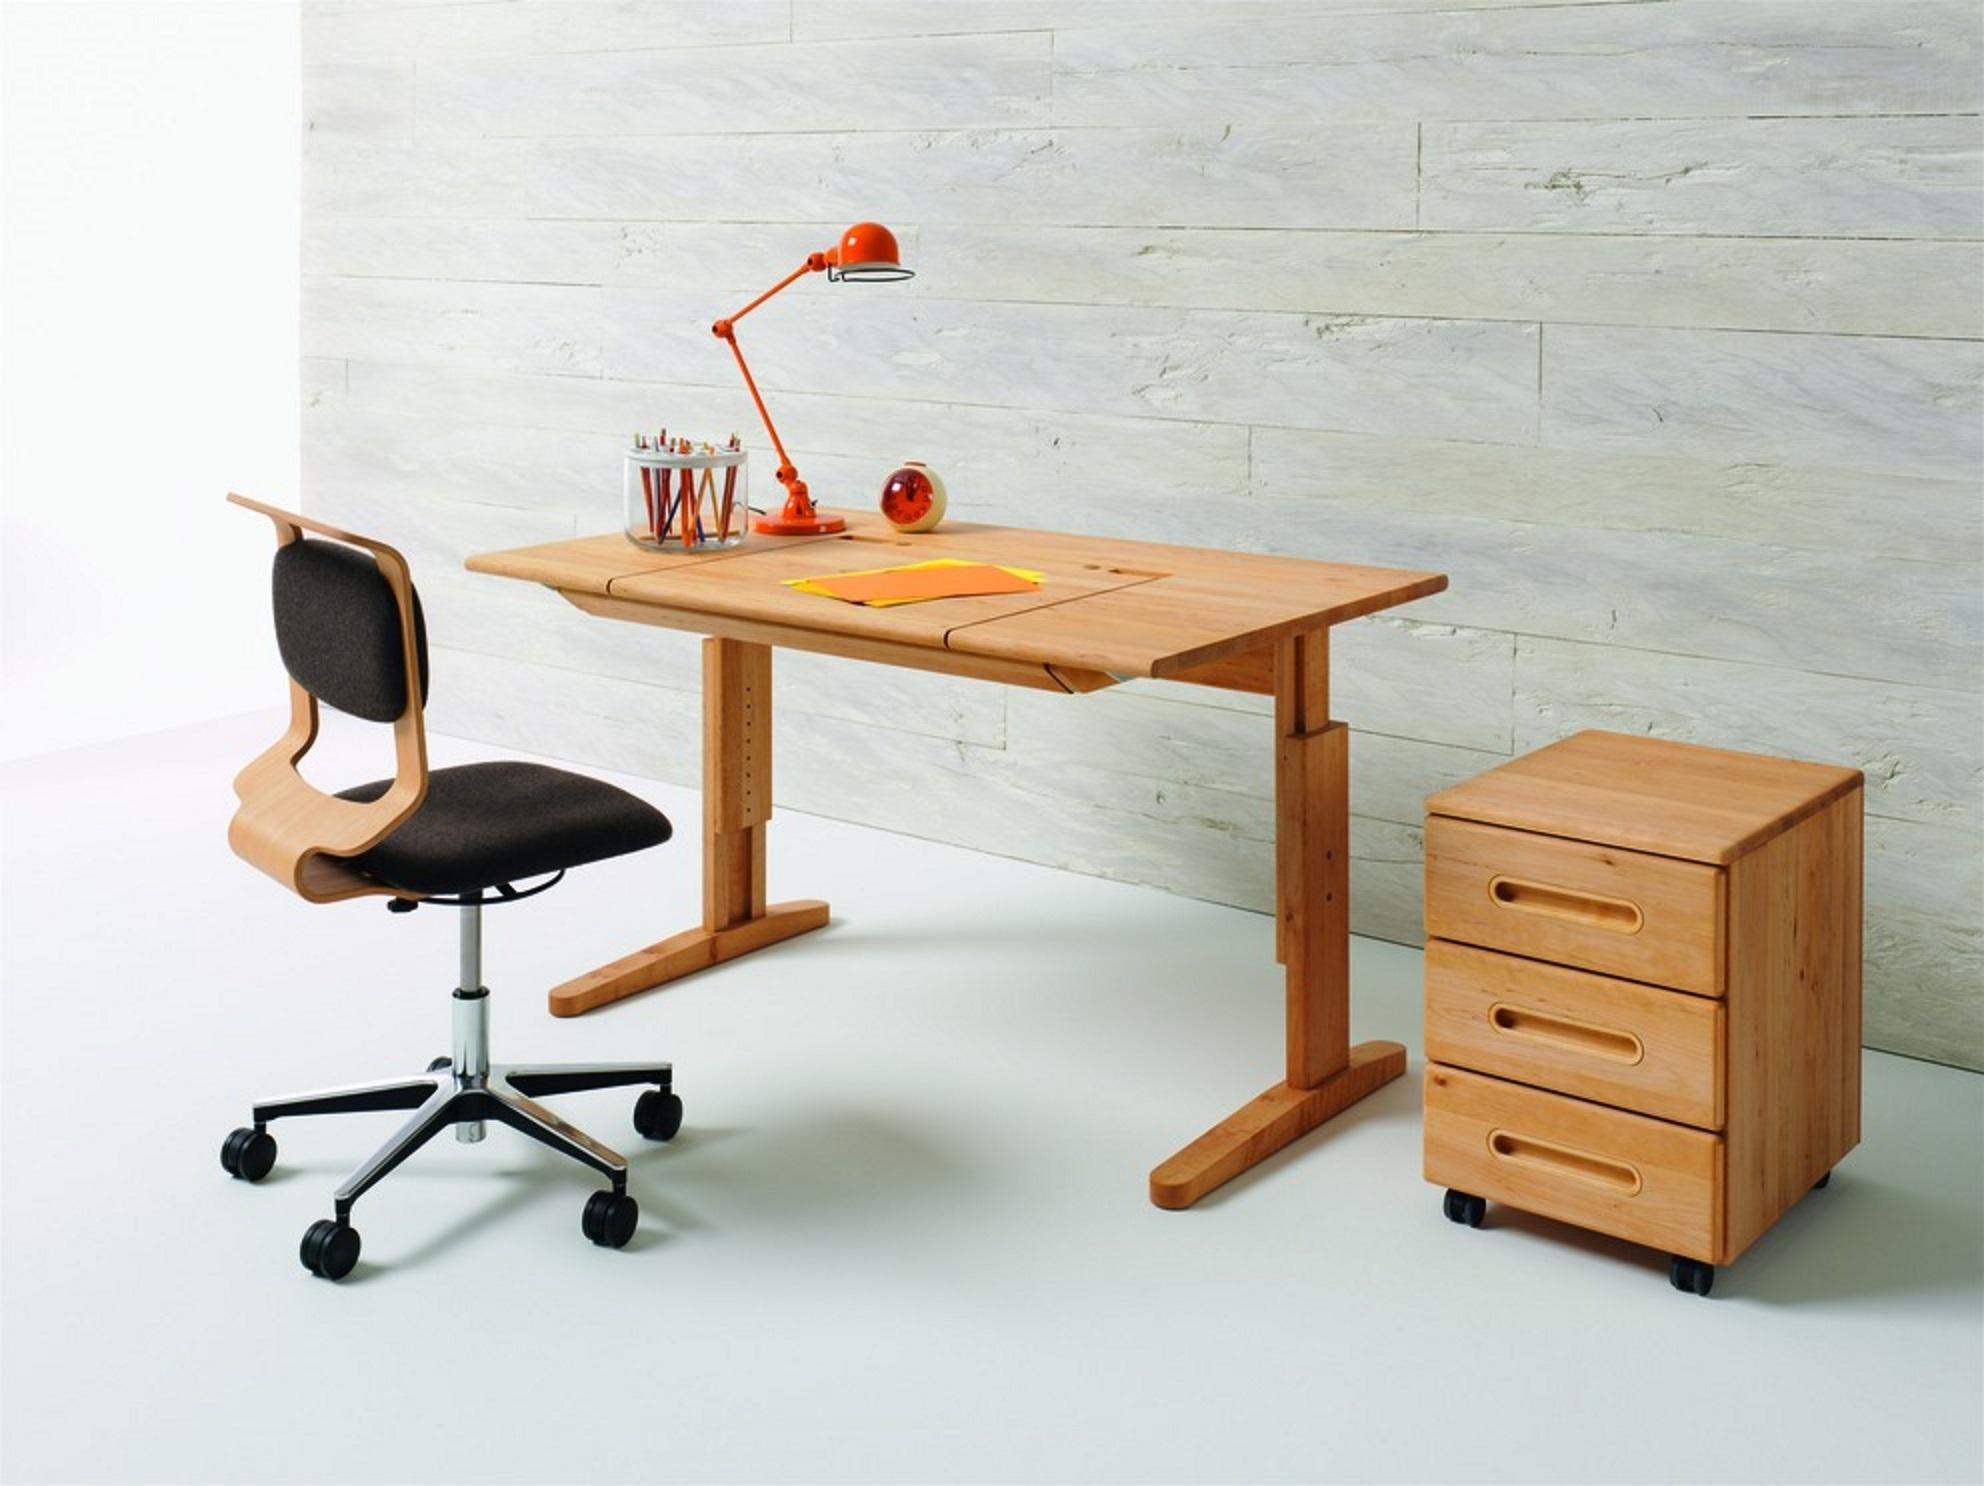 Schreibtisch mobile mit schreibtisch drehstuhl und for Mobel schreibtisch